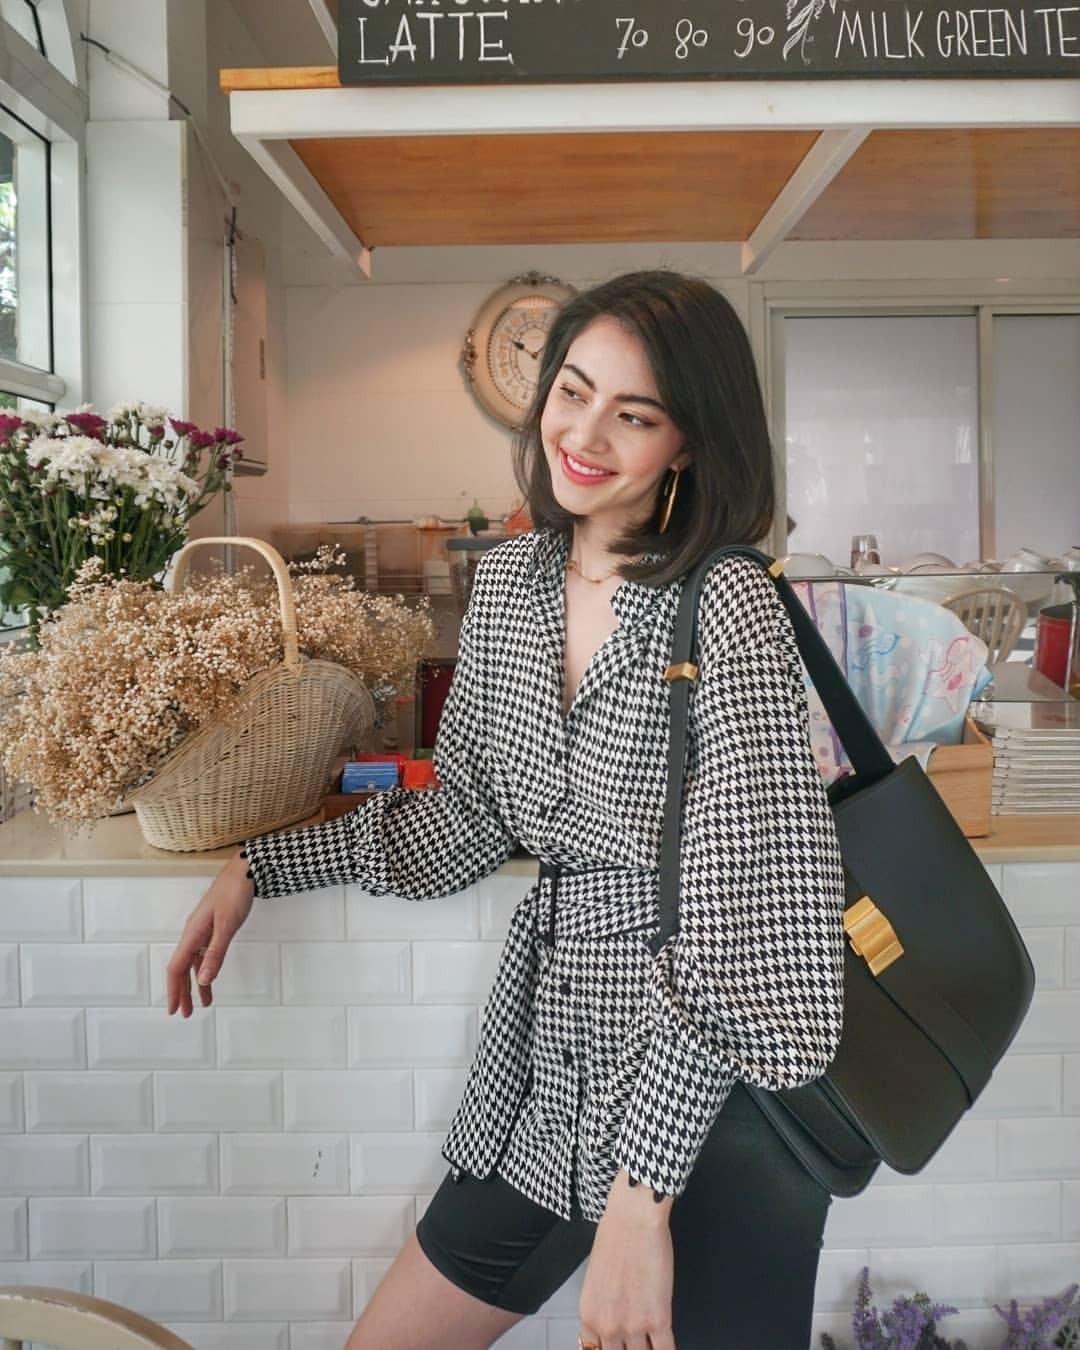 Diễn viên được khen phong cách với set đồ đen trắng, nhấn vào túi đeo vai bản to Bottega Veneta khi đến quán cà phê do cô làm chủ.